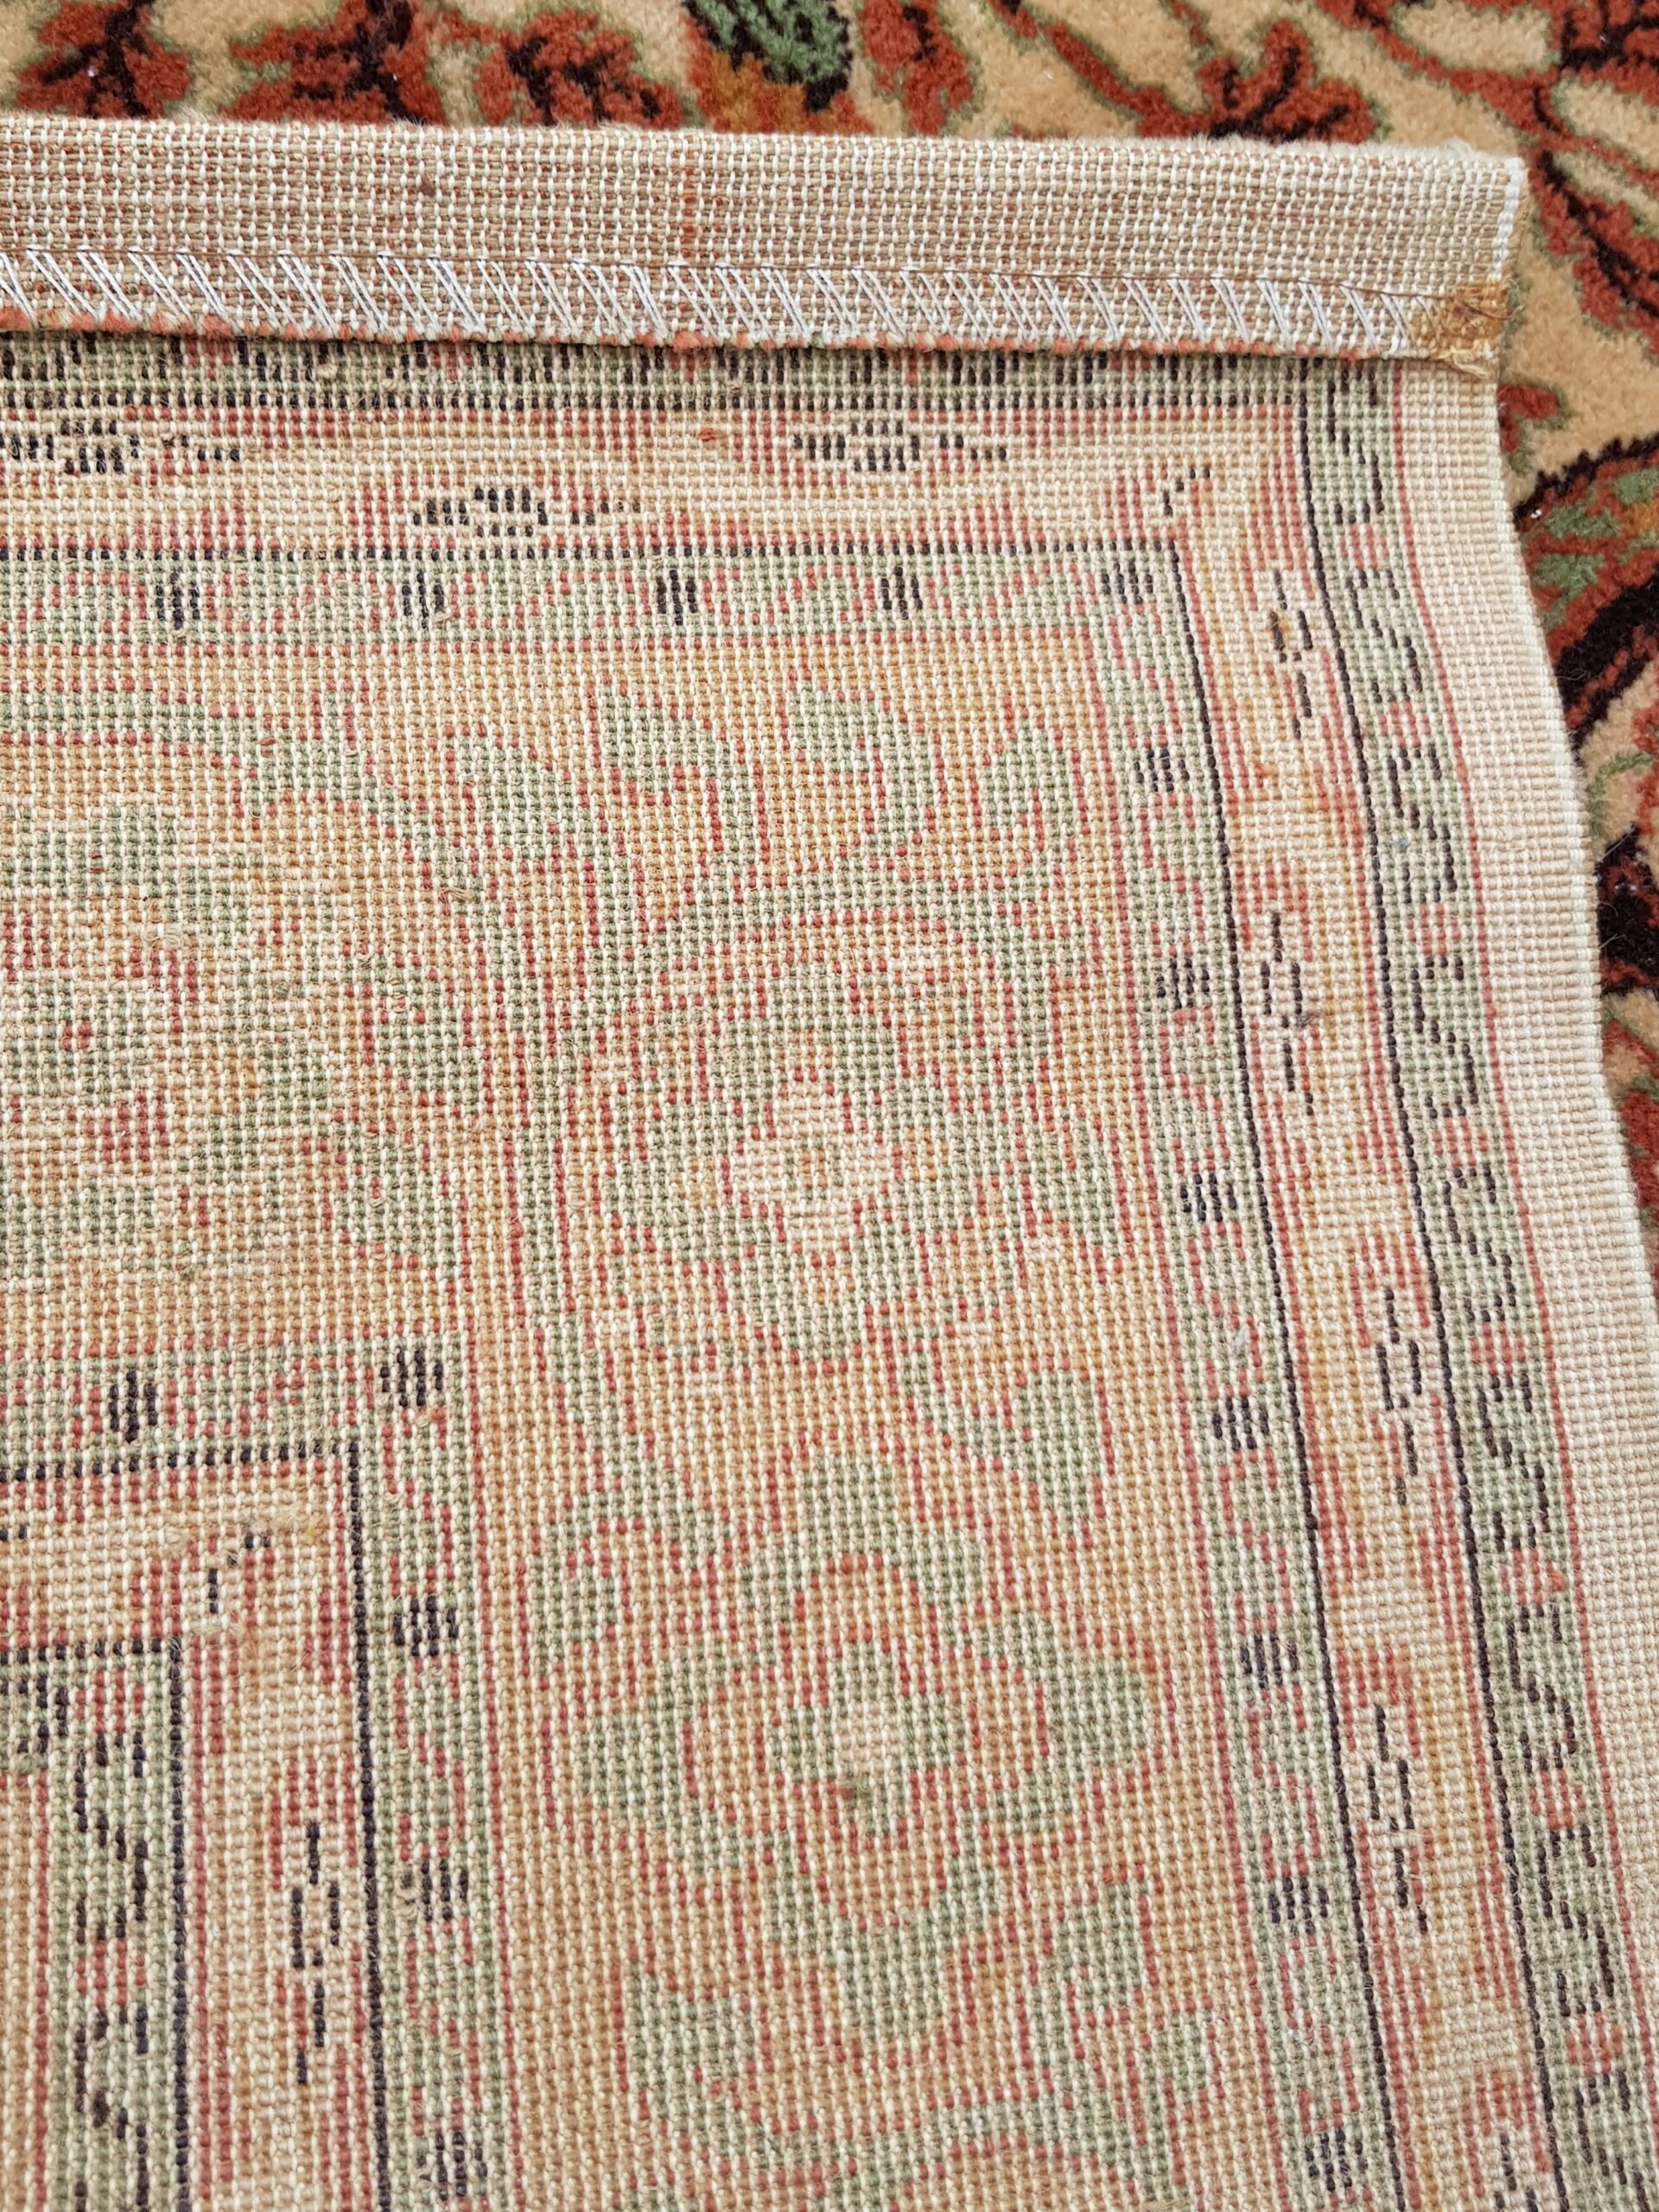 Full Size of Cronwell Teppich 300x400 Cm Steinteppich Bad Badezimmer Wohnzimmer Teppiche Schlafzimmer Für Küche Esstisch Wohnzimmer Teppich 300x400